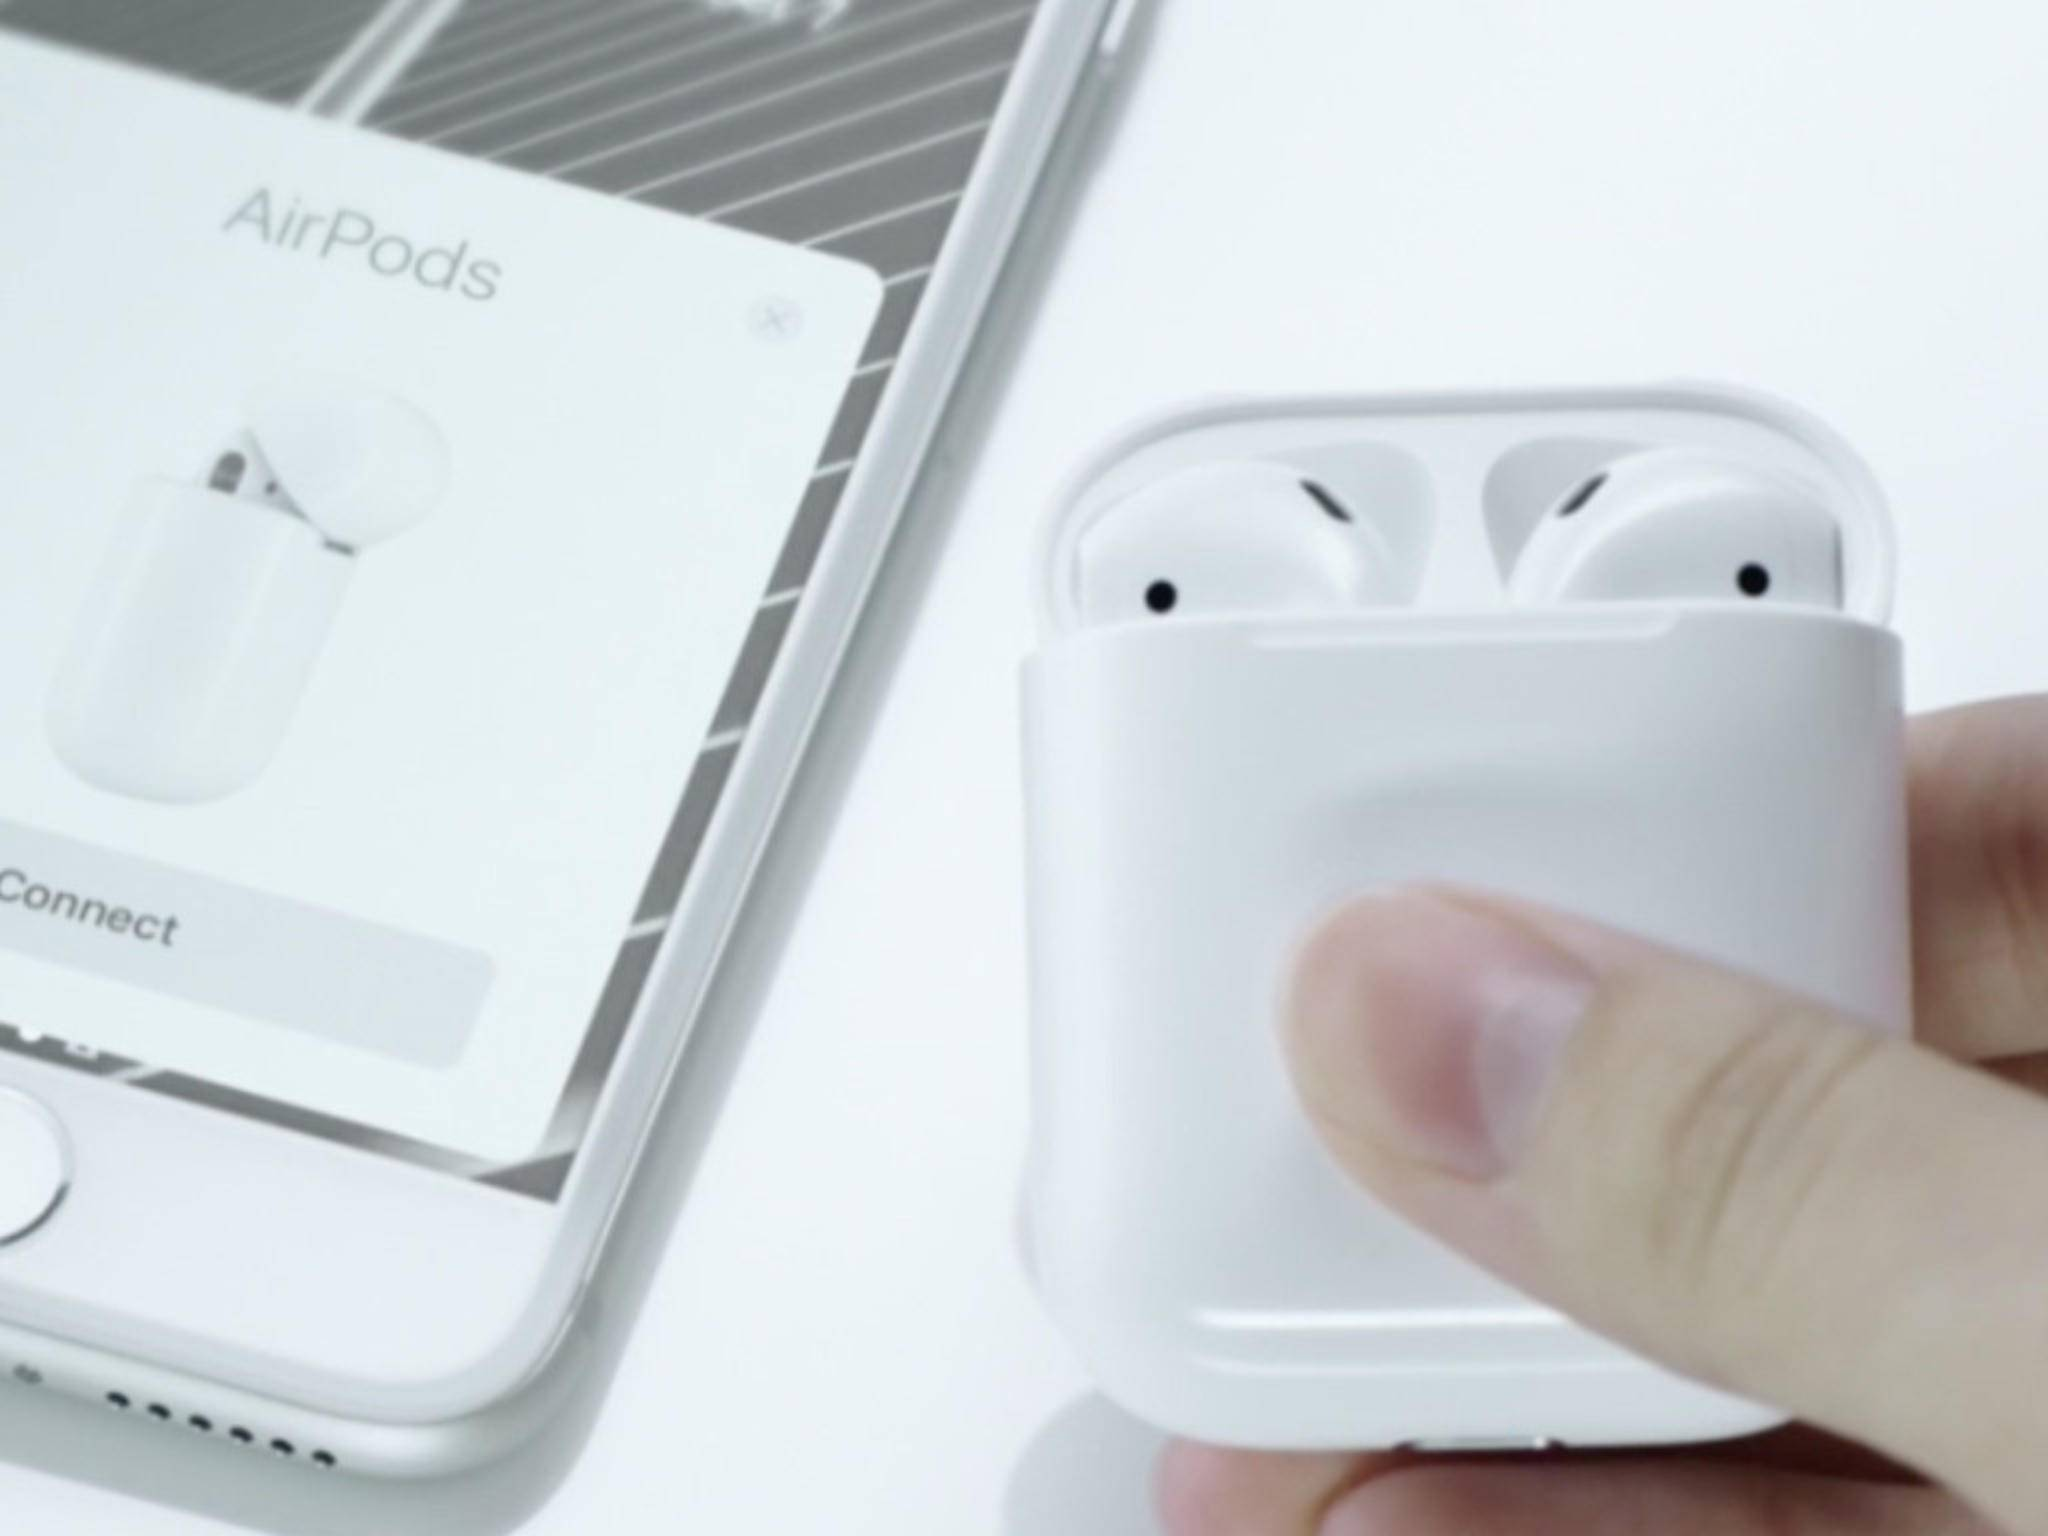 Apple will Dir anscheinend doch dabei helfen, verlorene AirPods wiederzufinden.